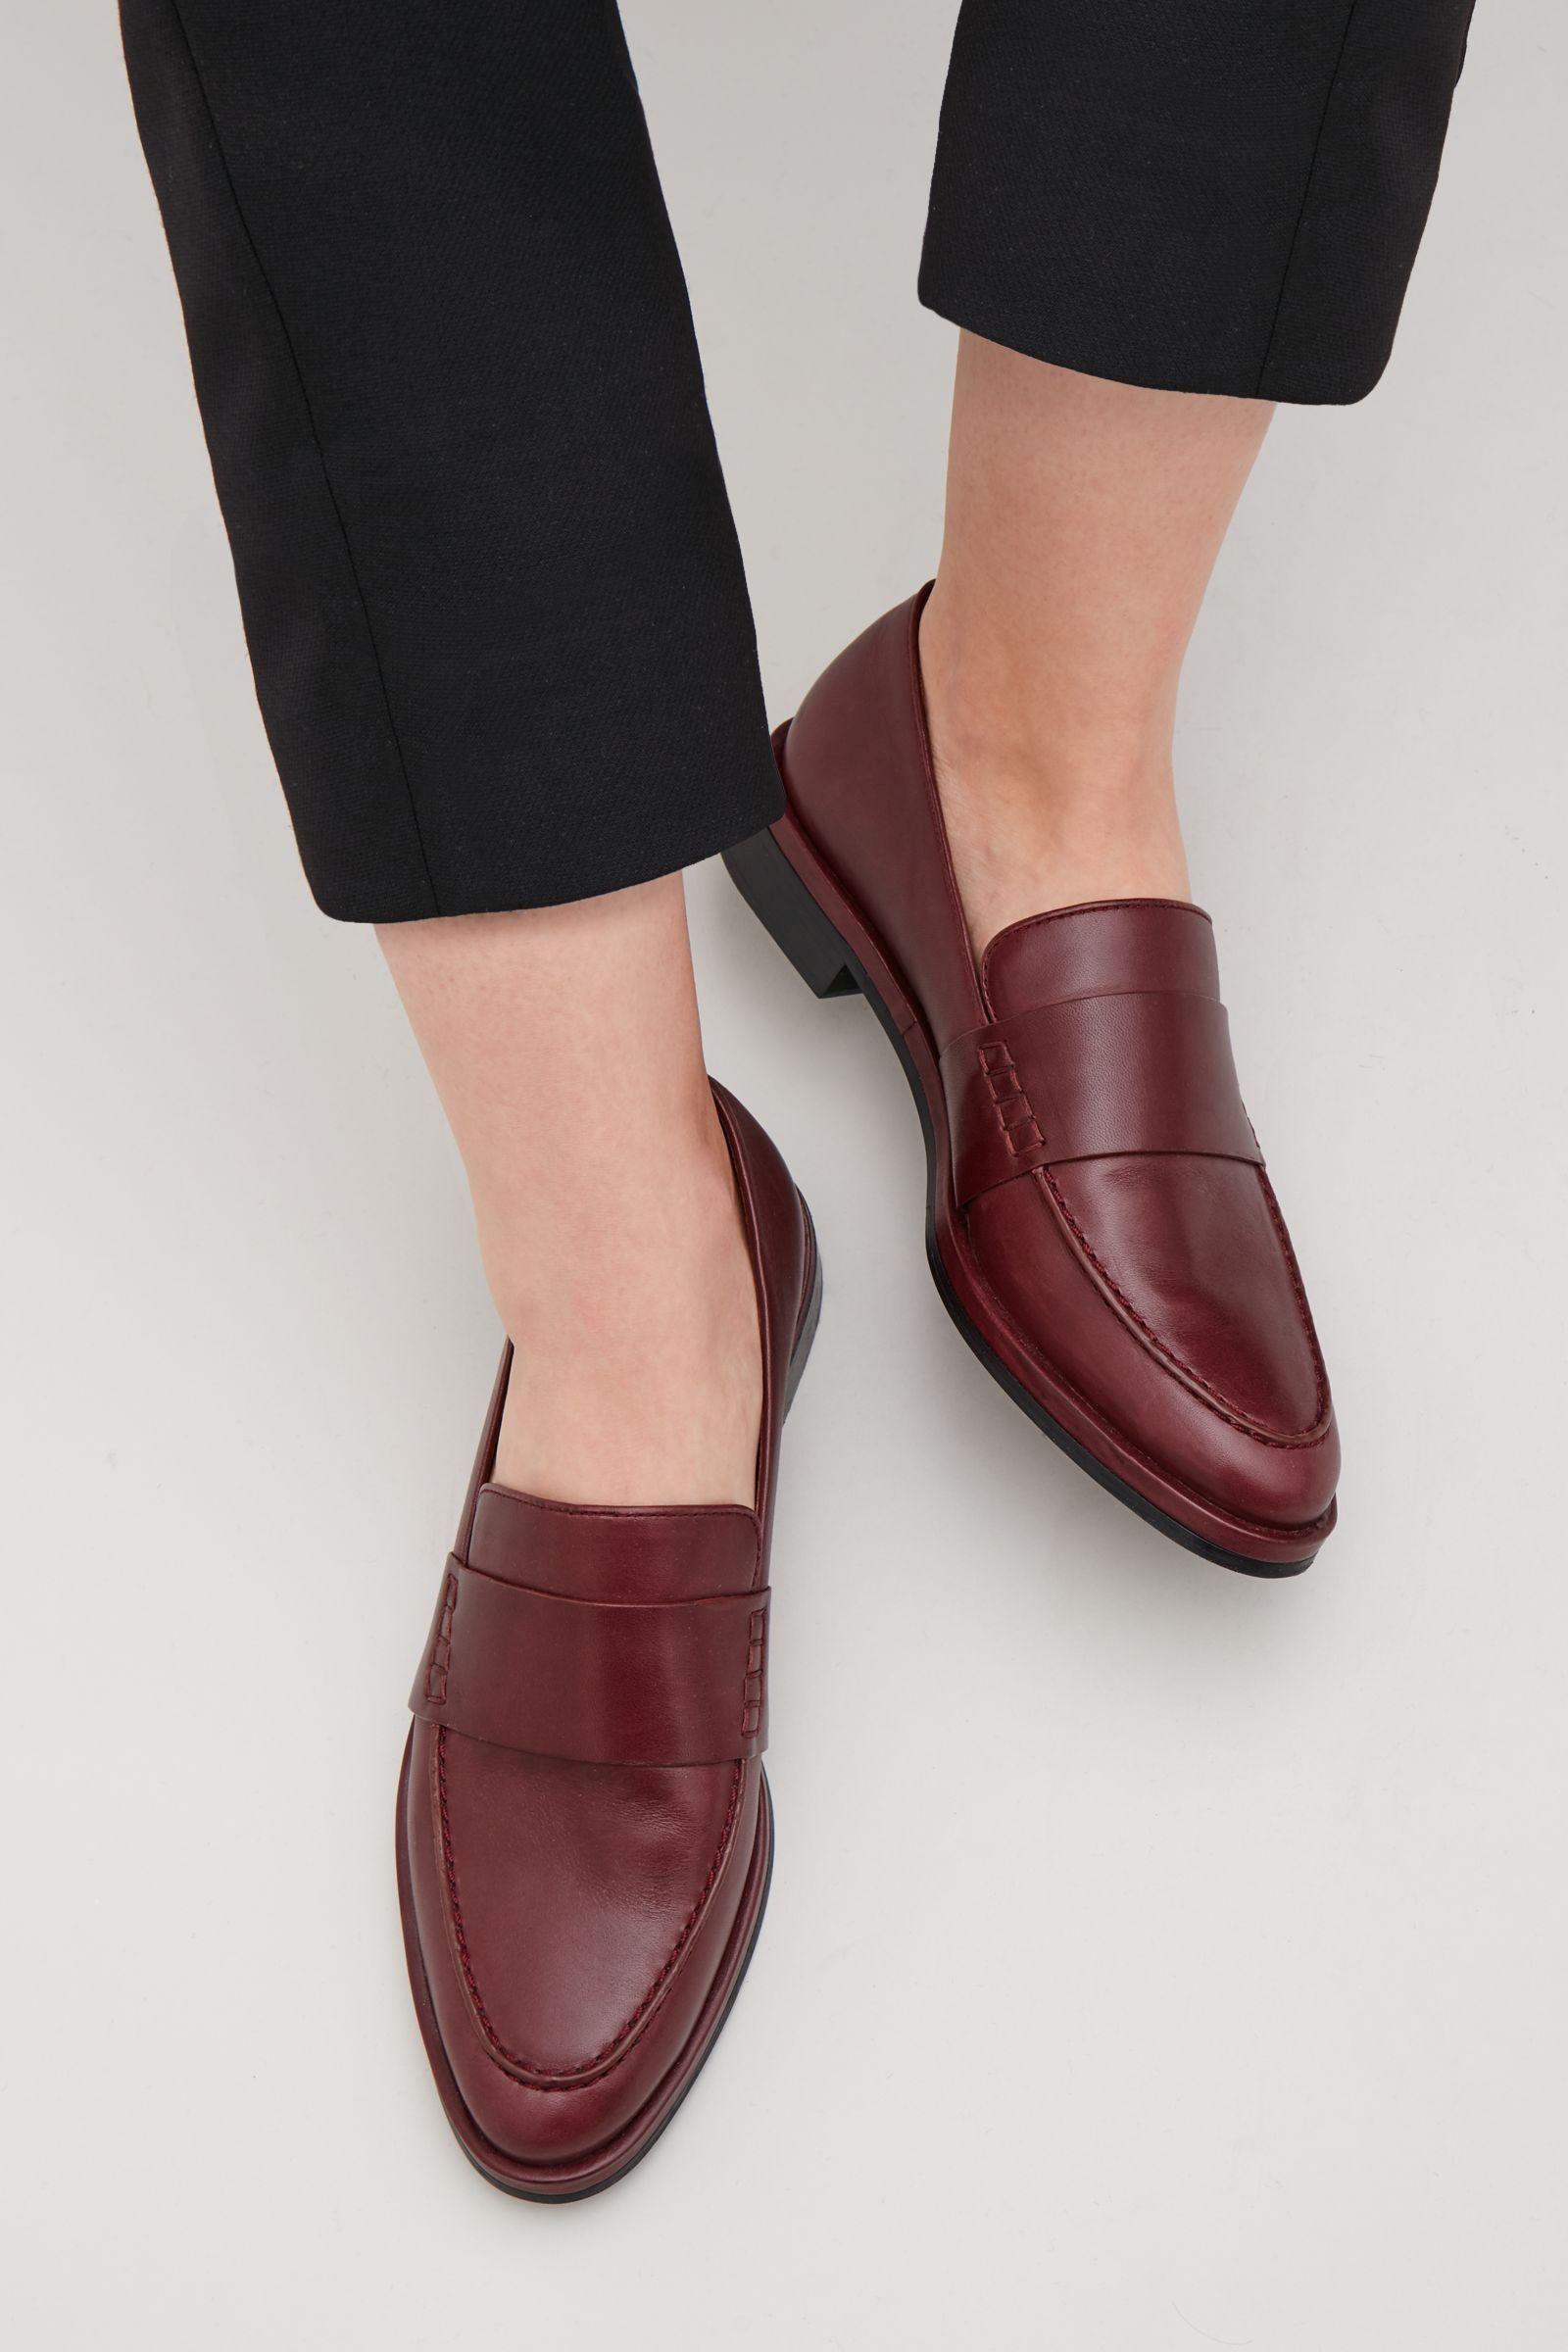 Women's Shoes - COS US